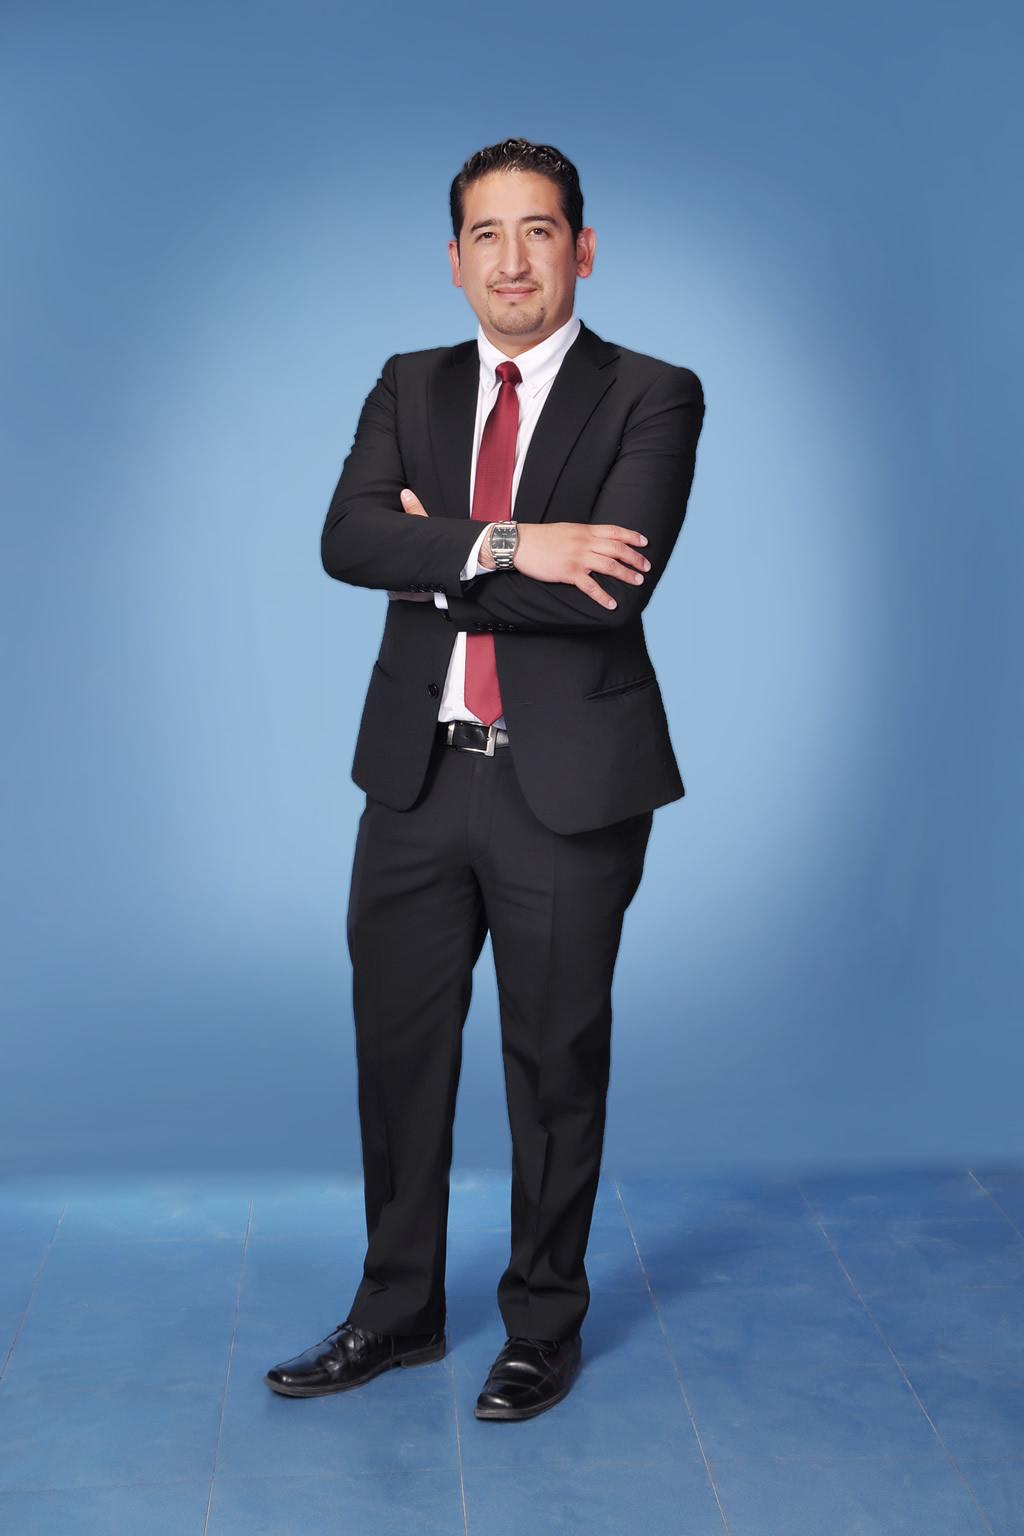 Dr. Daniel Gutierrez Salvatierra